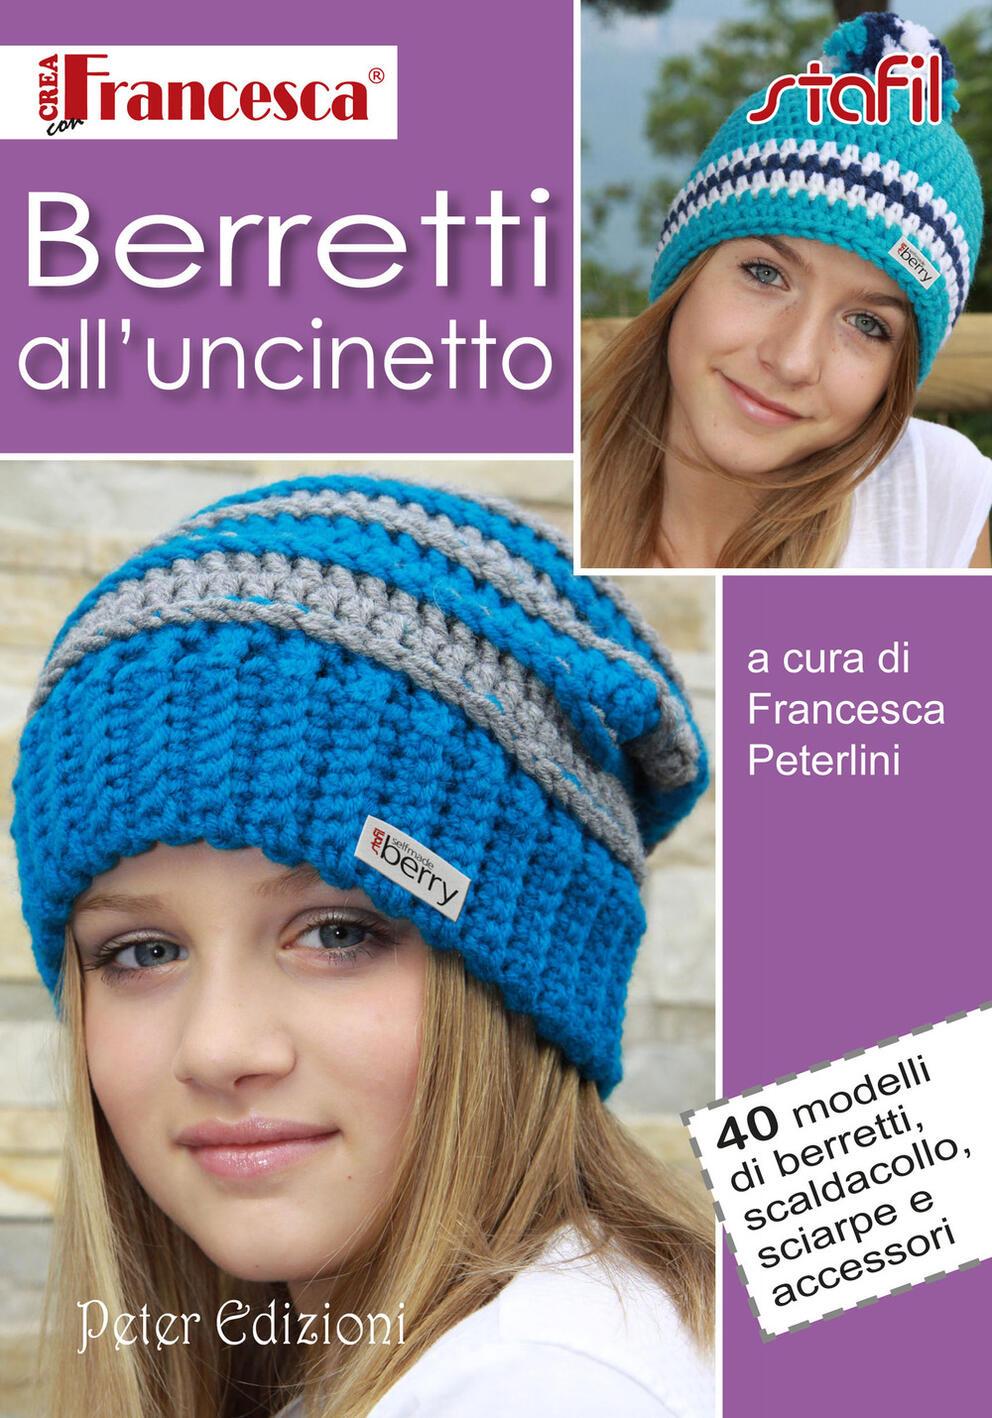 Berretti Alluncinetto Pdfepubmobi Scarica In Italiano